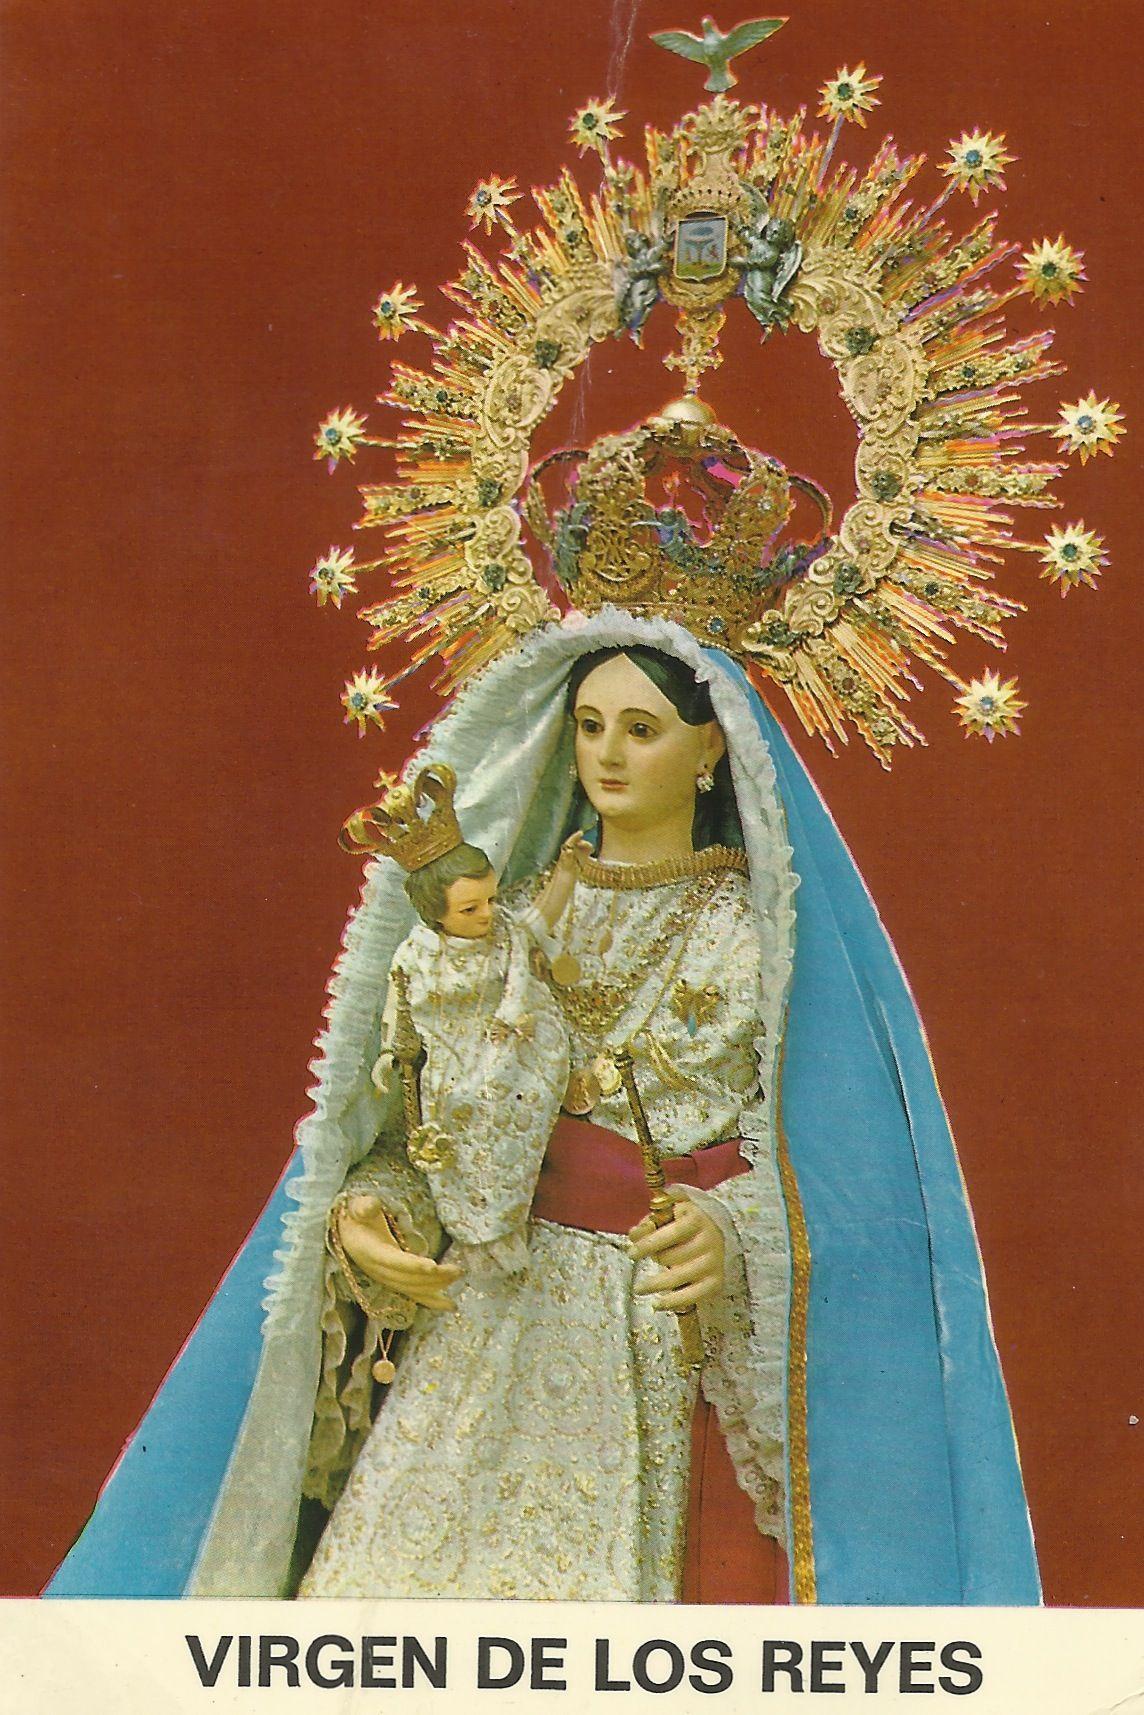 Virgen de los reyes patrona de la isla del hierro for Mudanzas virgen de los reyes